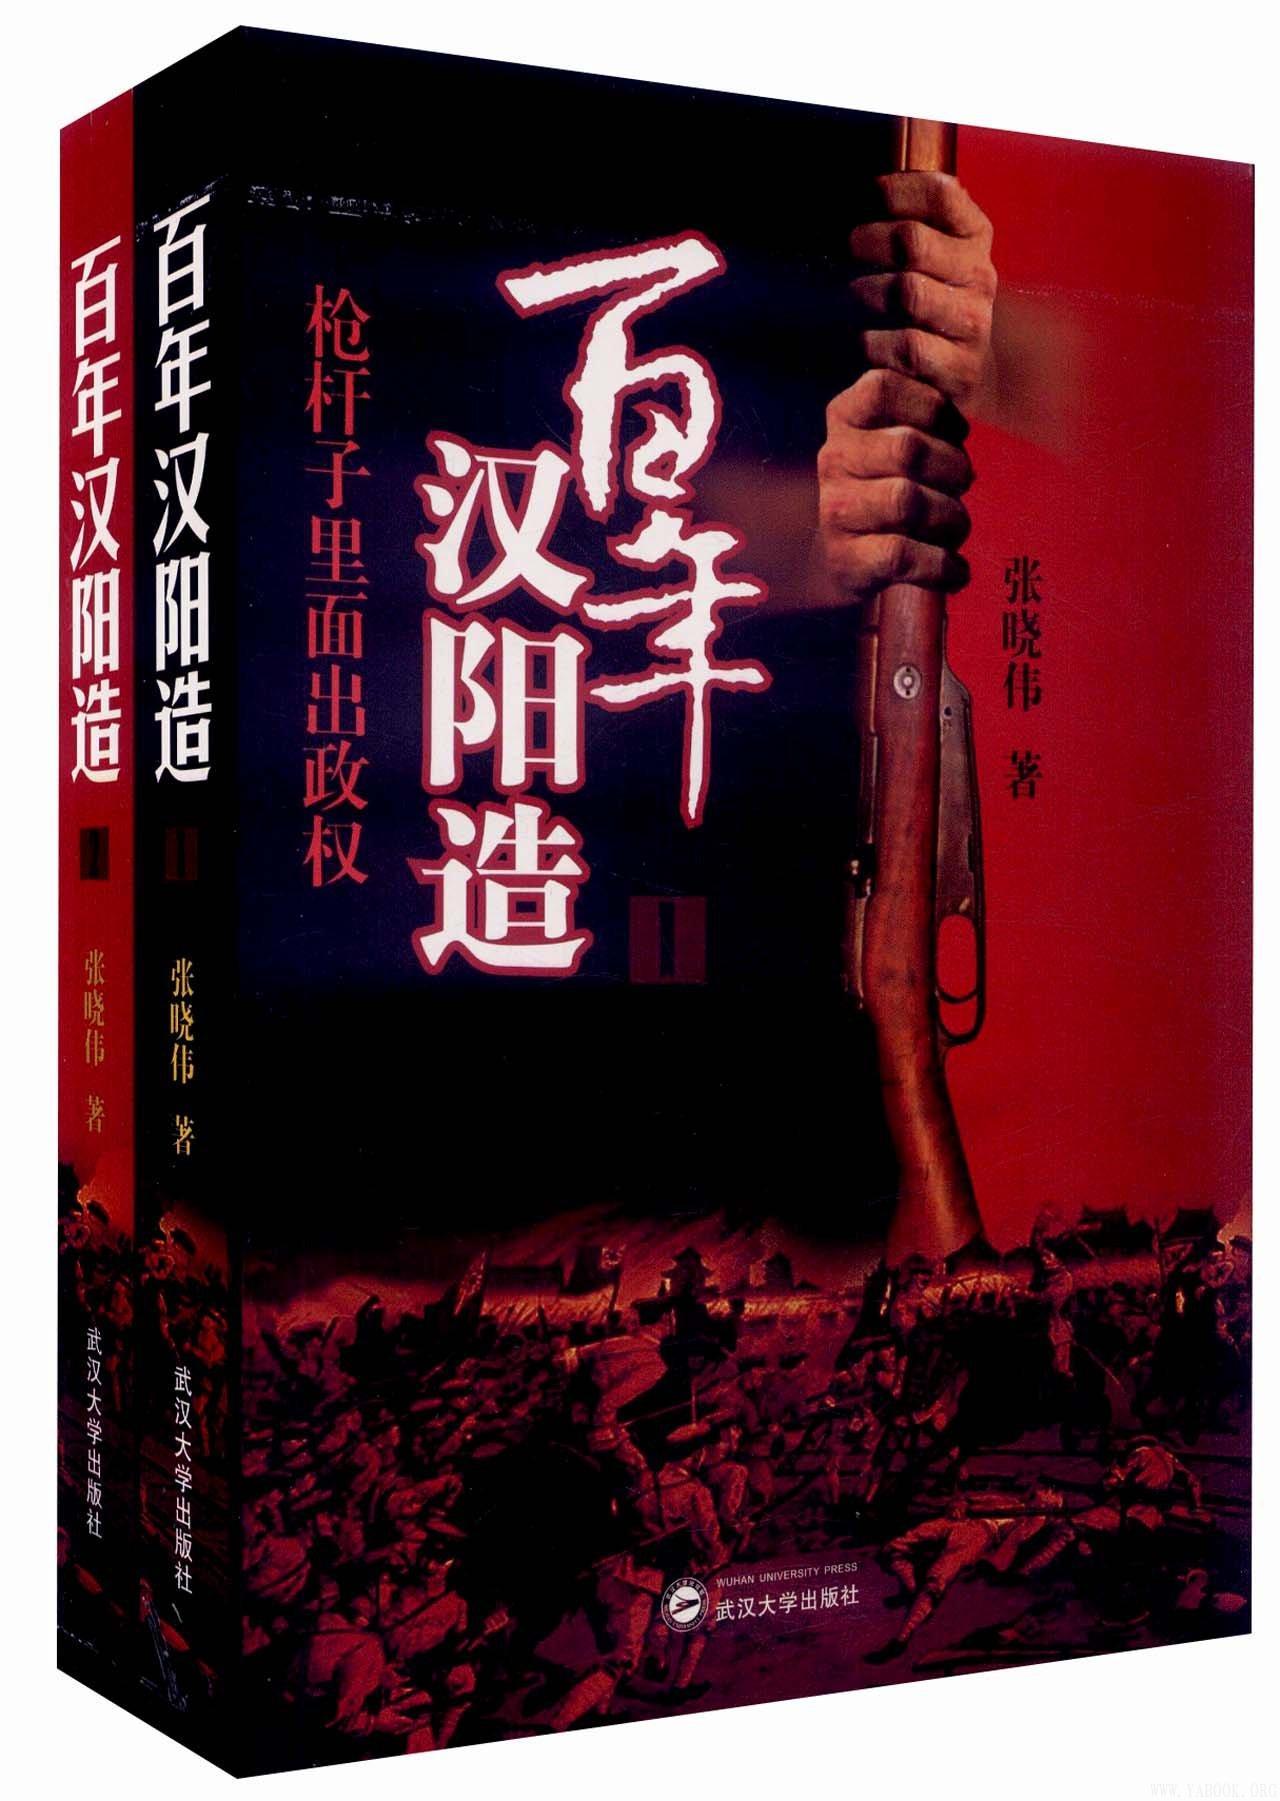 《巴菲特幕后智囊:查理·芒格传》封面图片